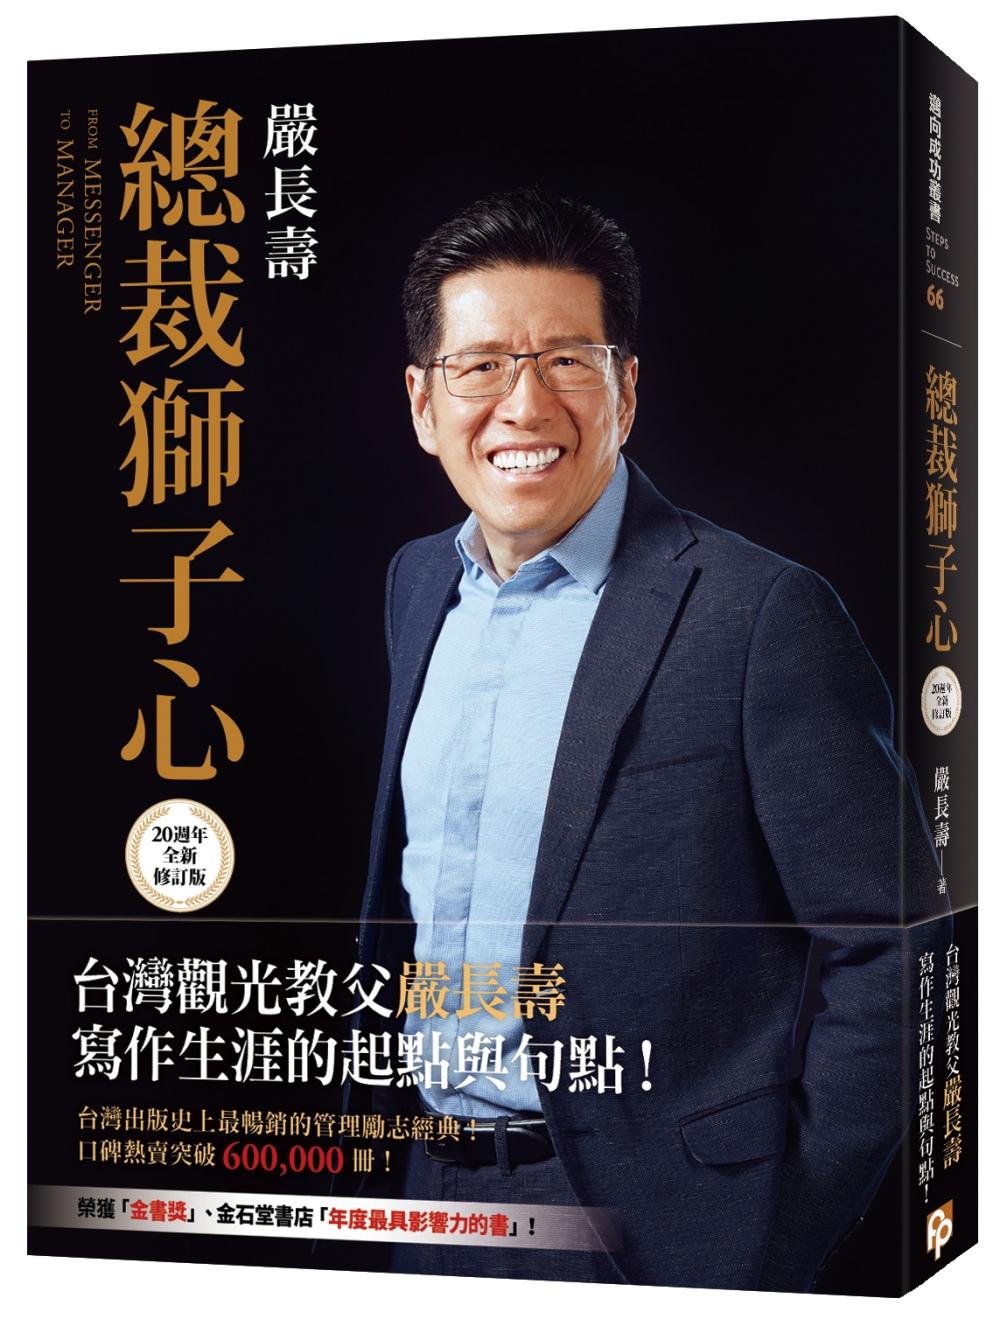 總裁獅子心【20週年全新修訂精裝版】(限量發售嚴長壽先生親筆簽名書)